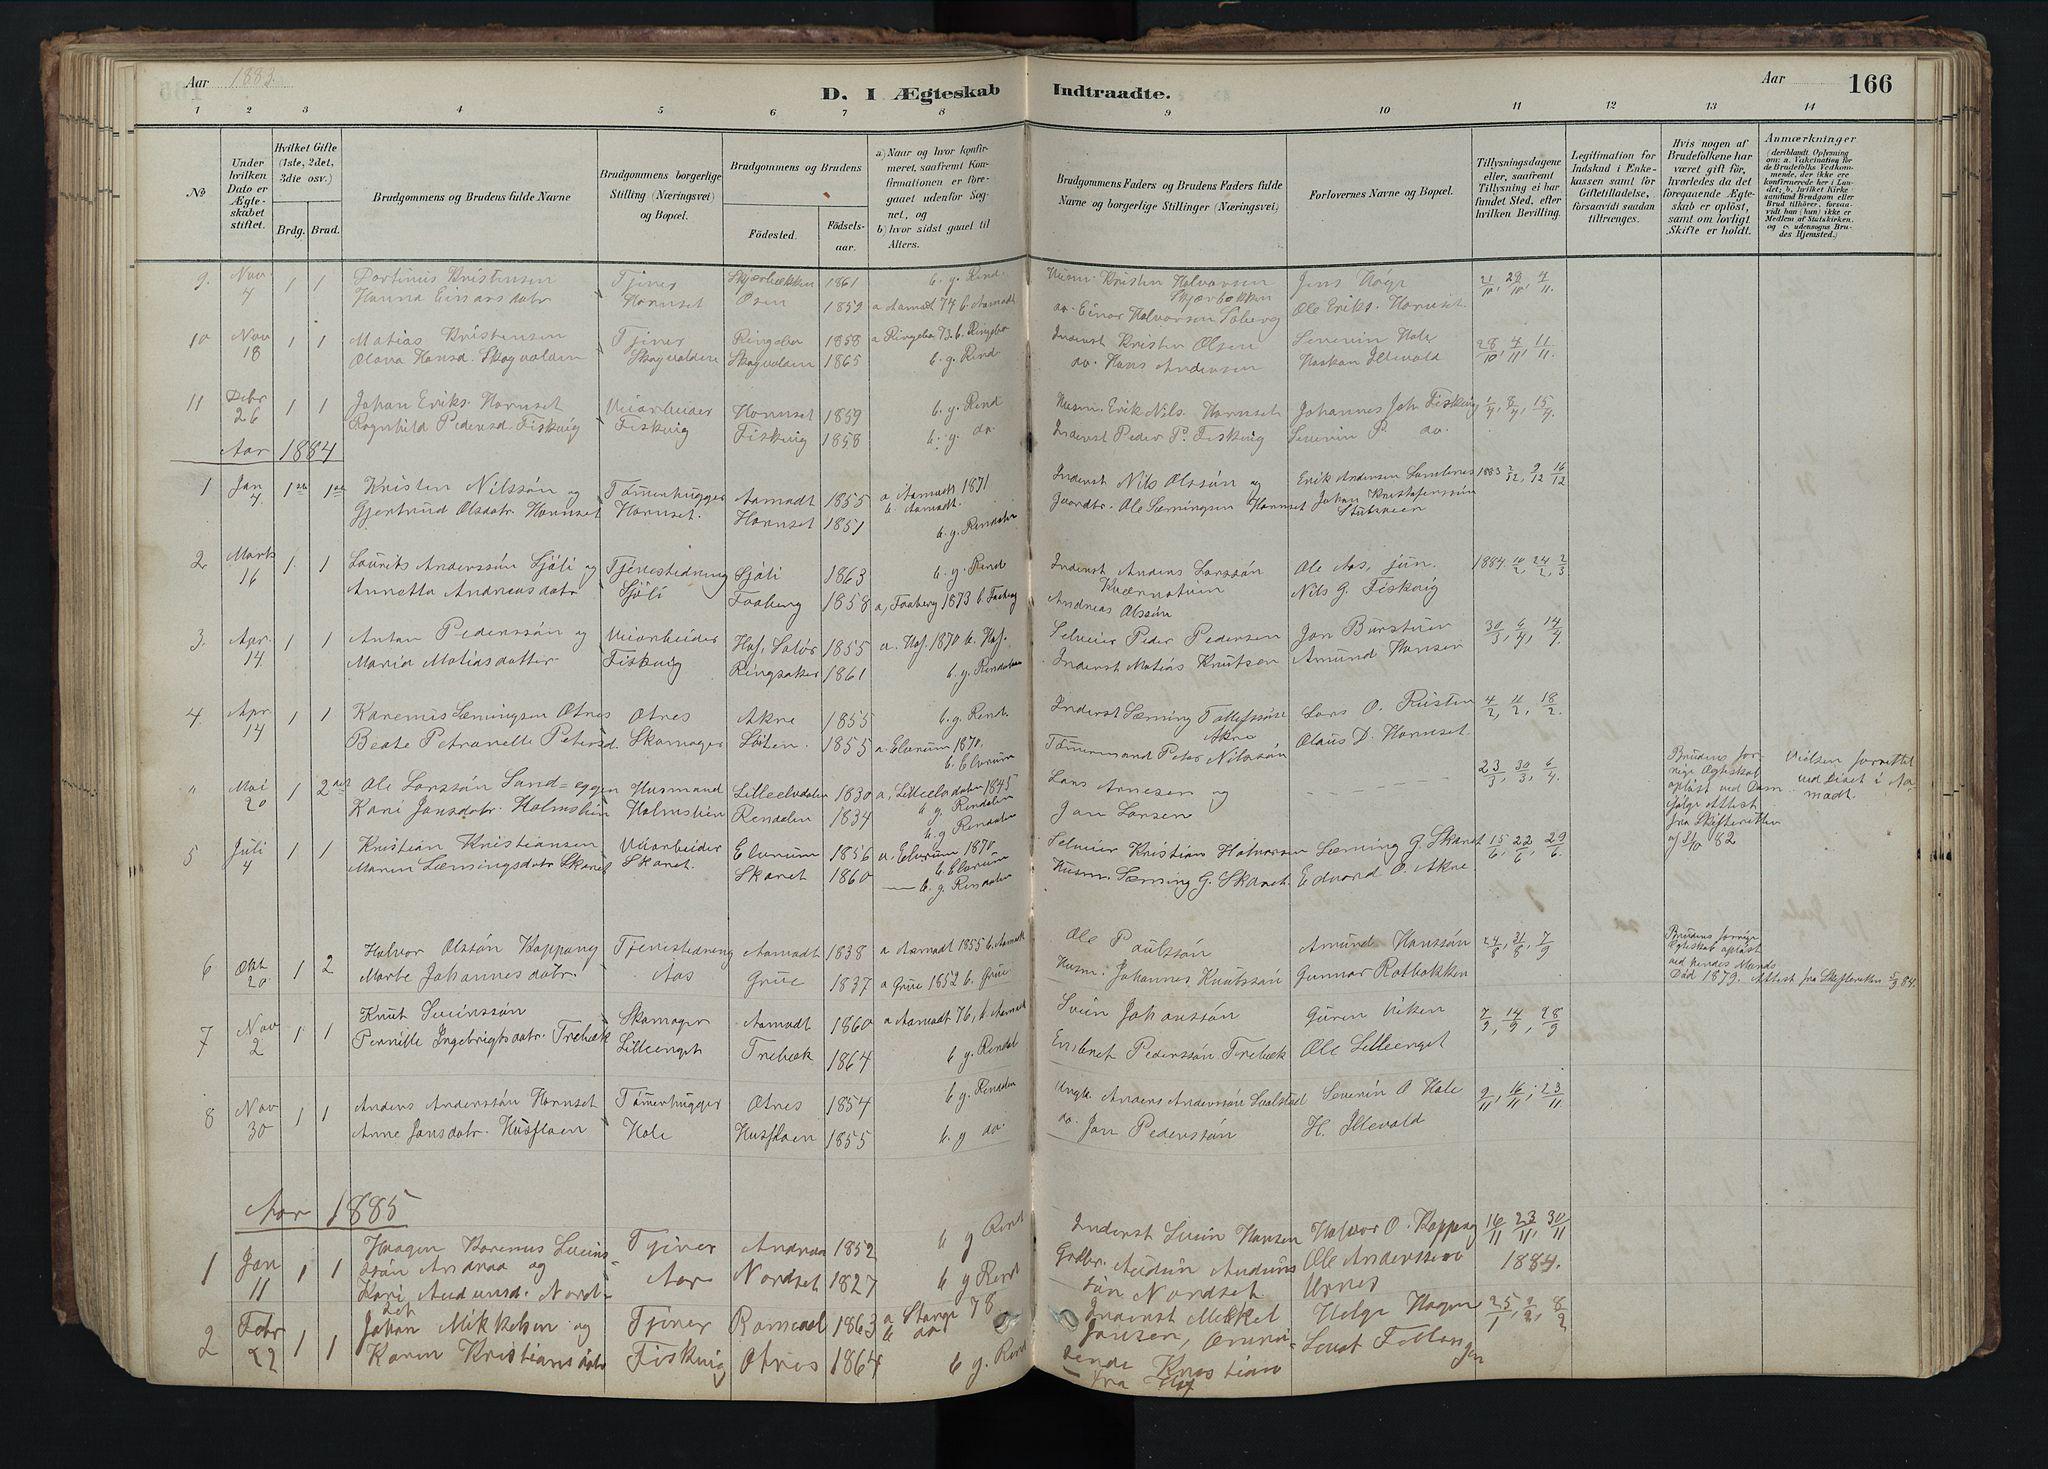 SAH, Rendalen prestekontor, H/Ha/Hab/L0009: Klokkerbok nr. 9, 1879-1902, s. 166